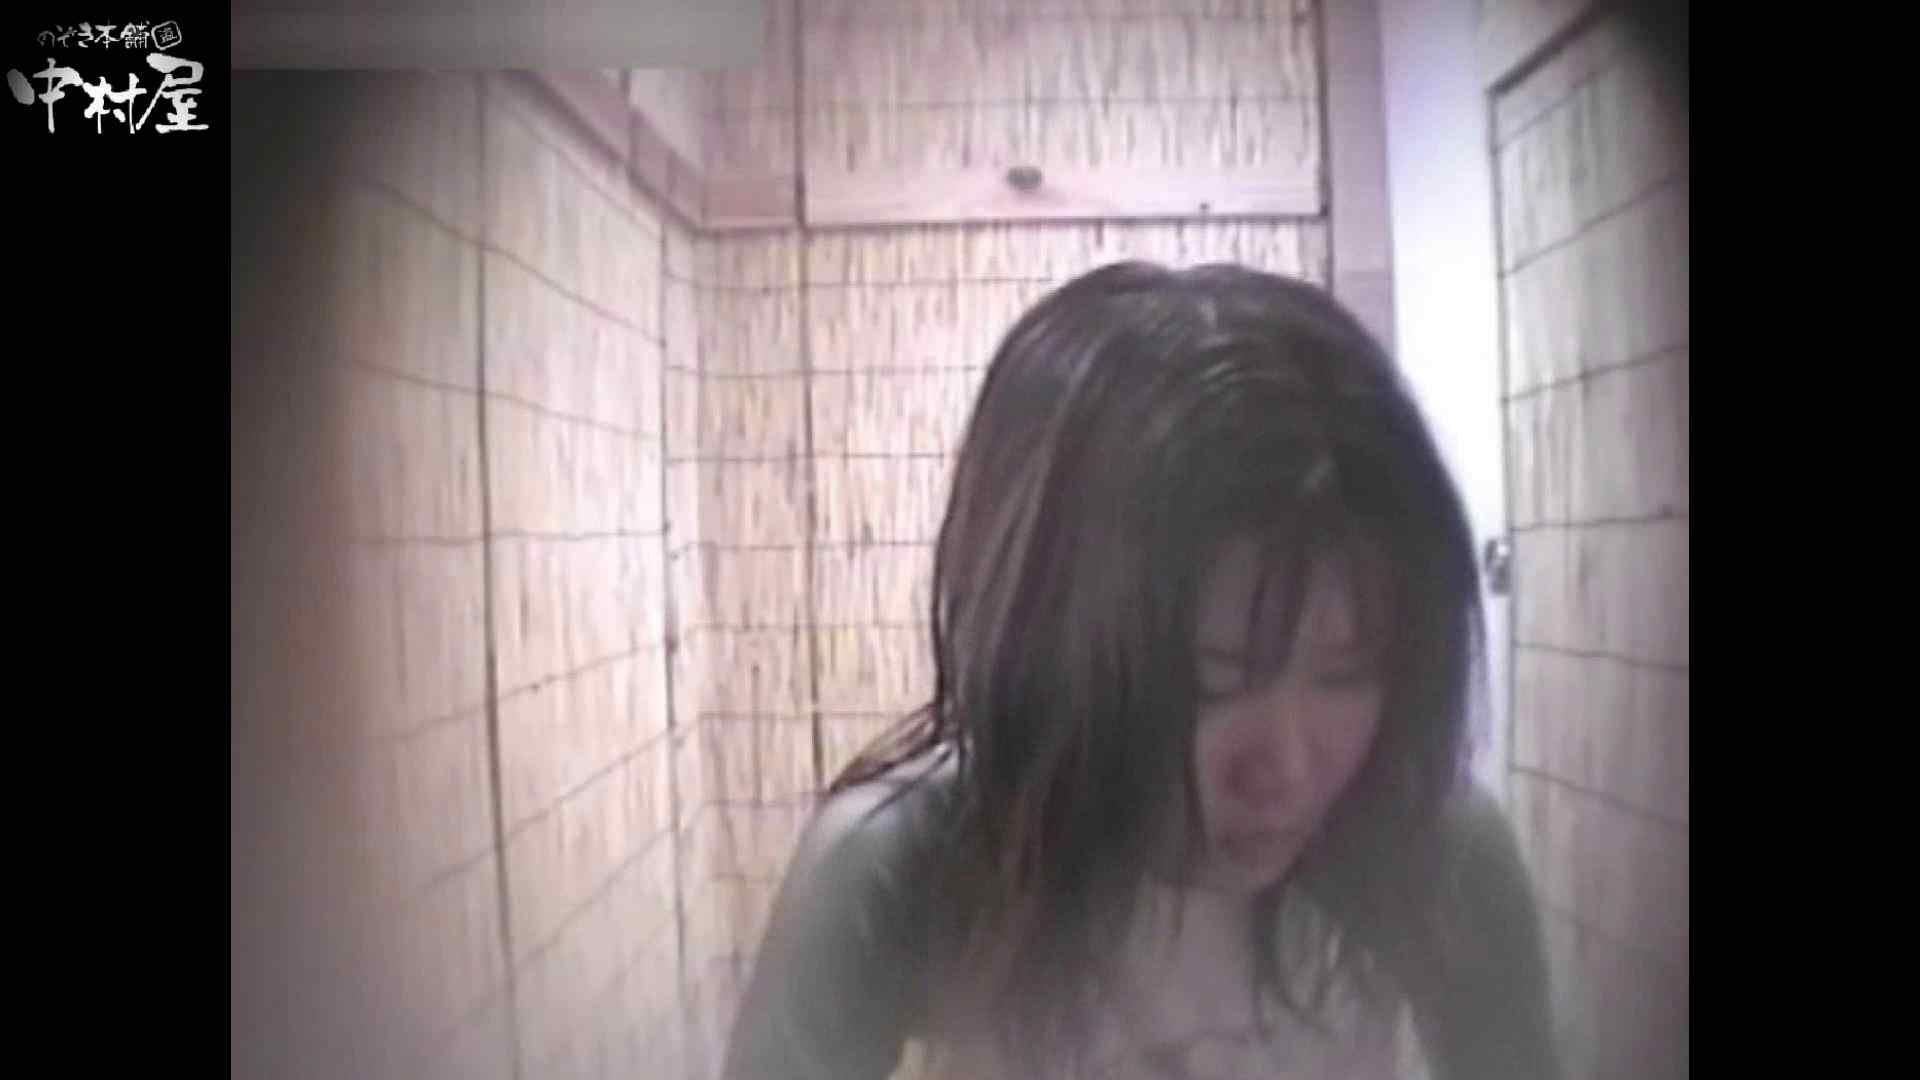 解禁!海の家4カメ洗面所vol.65 人気シリーズ ワレメ動画紹介 105枚 11